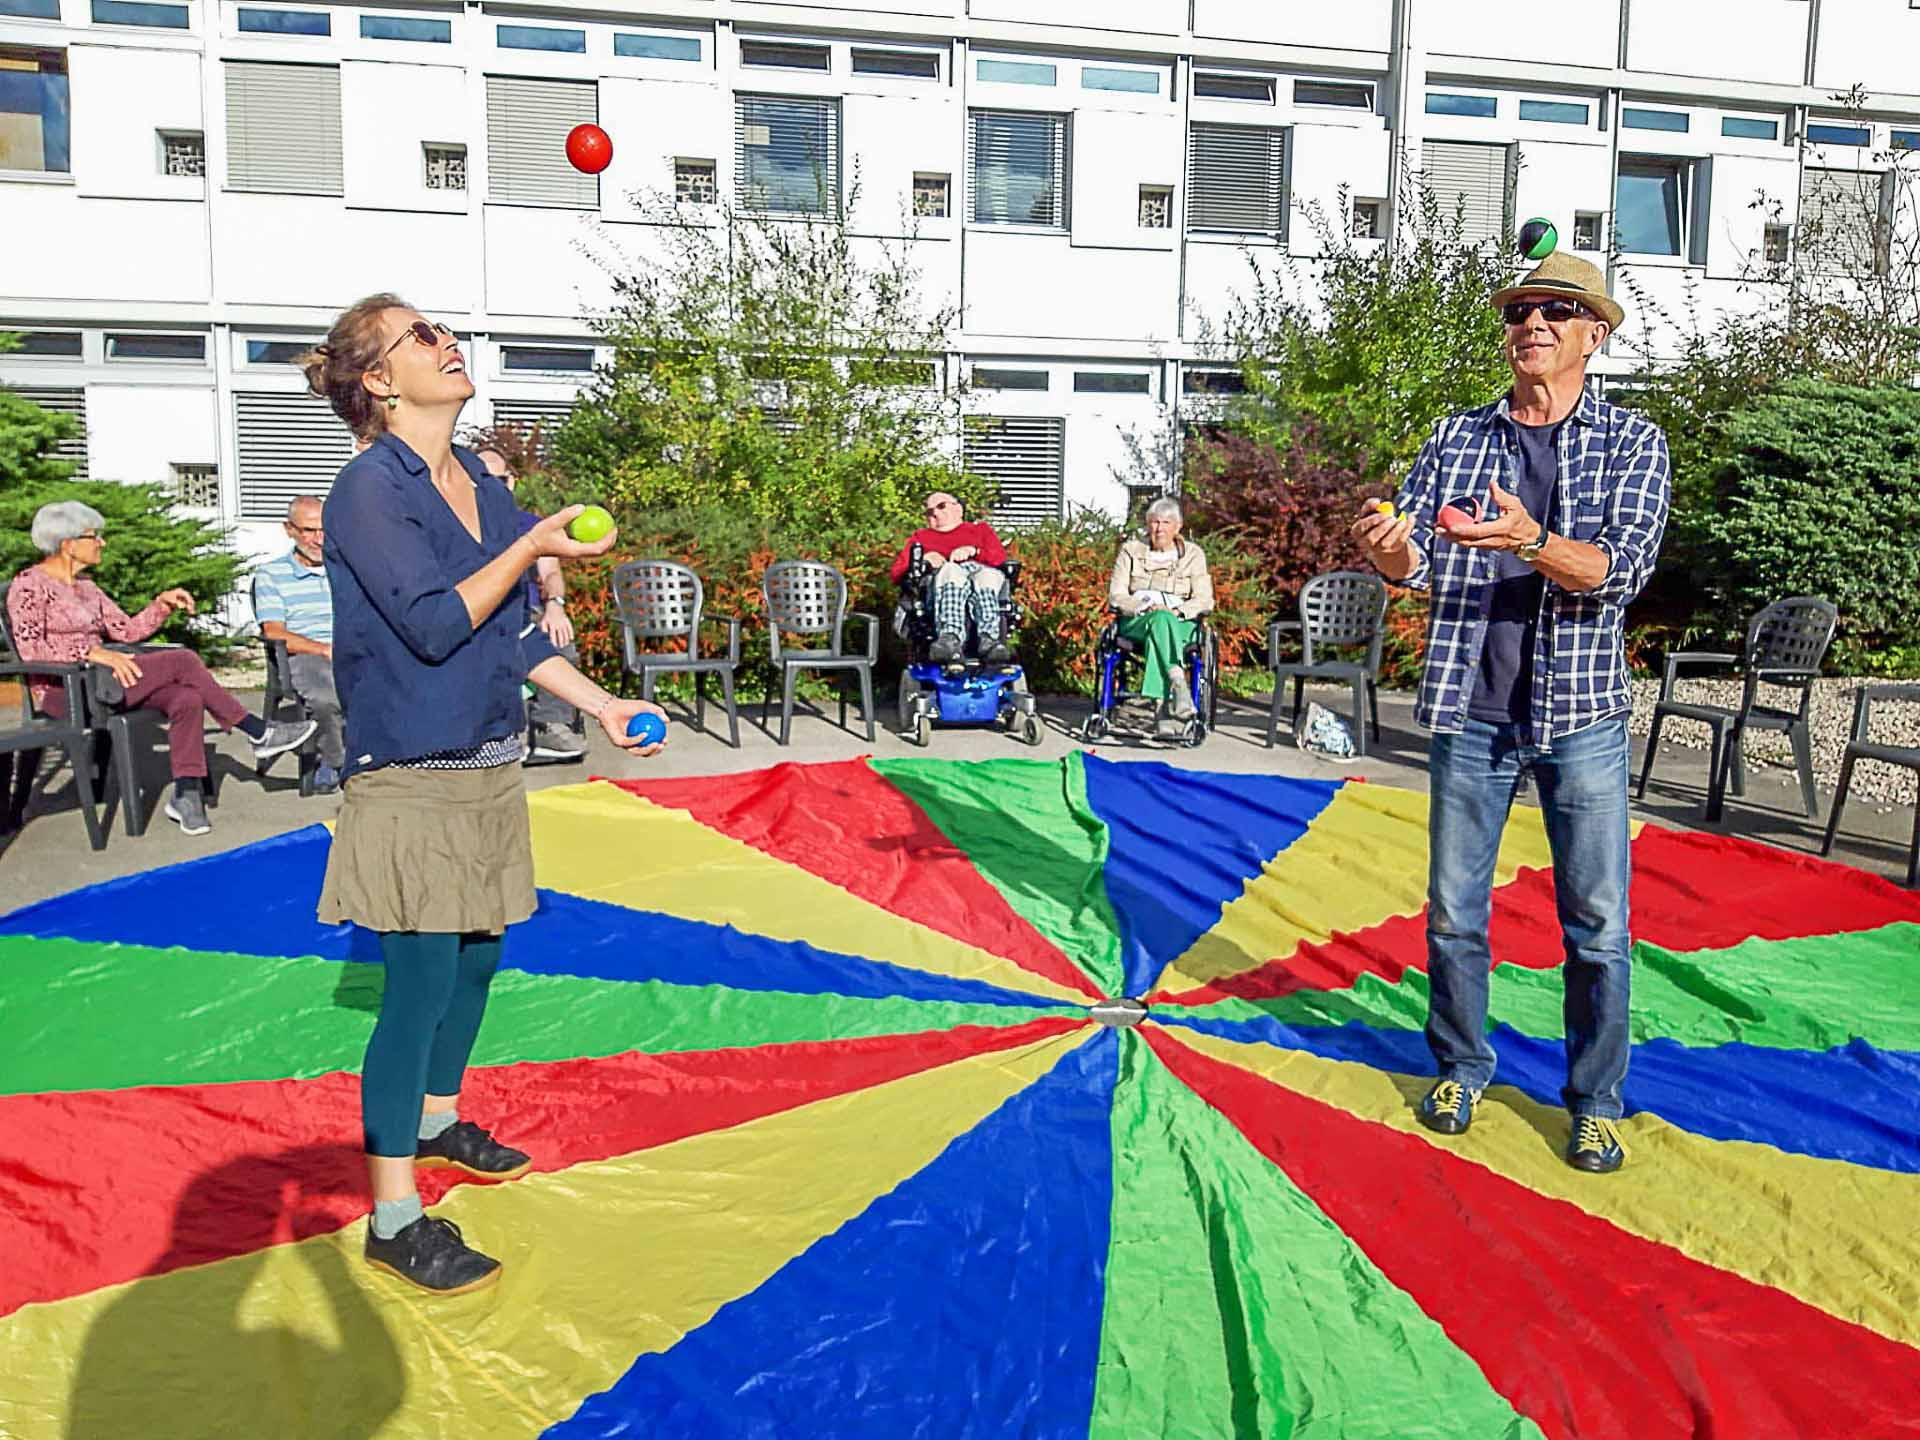 Zirkusreif: zwei Begleitpersonen beim Jonglieren. | © 2021 Bruno Hübscher